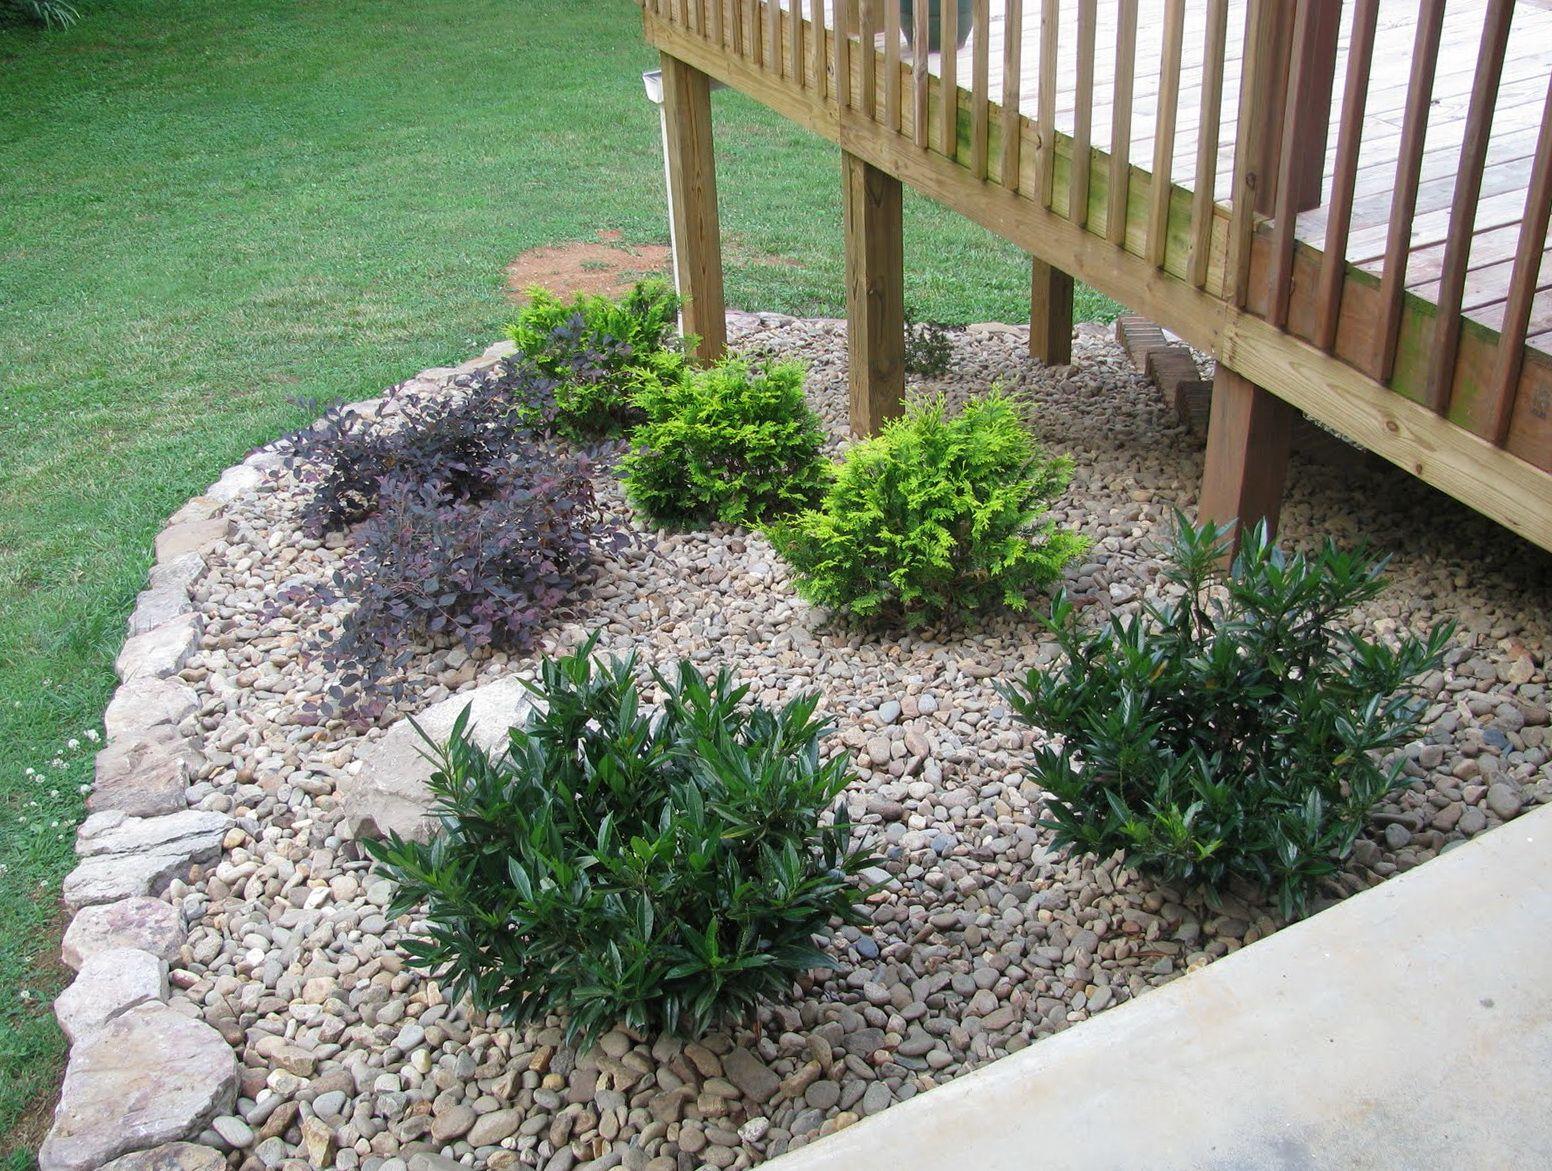 Landscaping Around Deck Posts Landscaping Around Deck